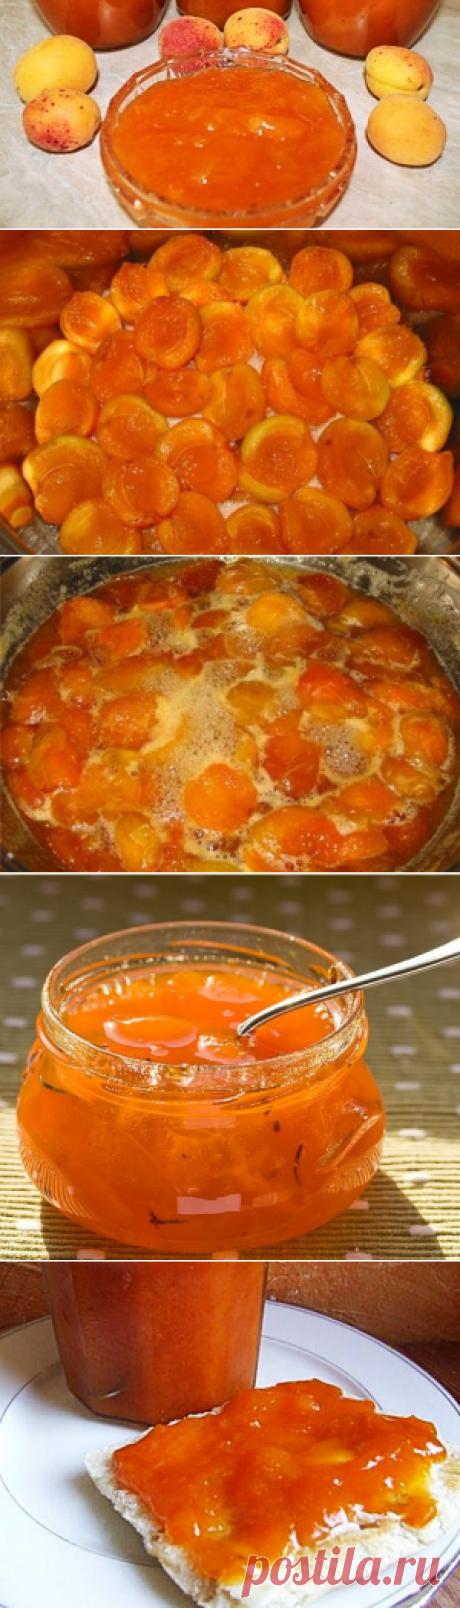 Абрикосовое варенье | Вкусный день